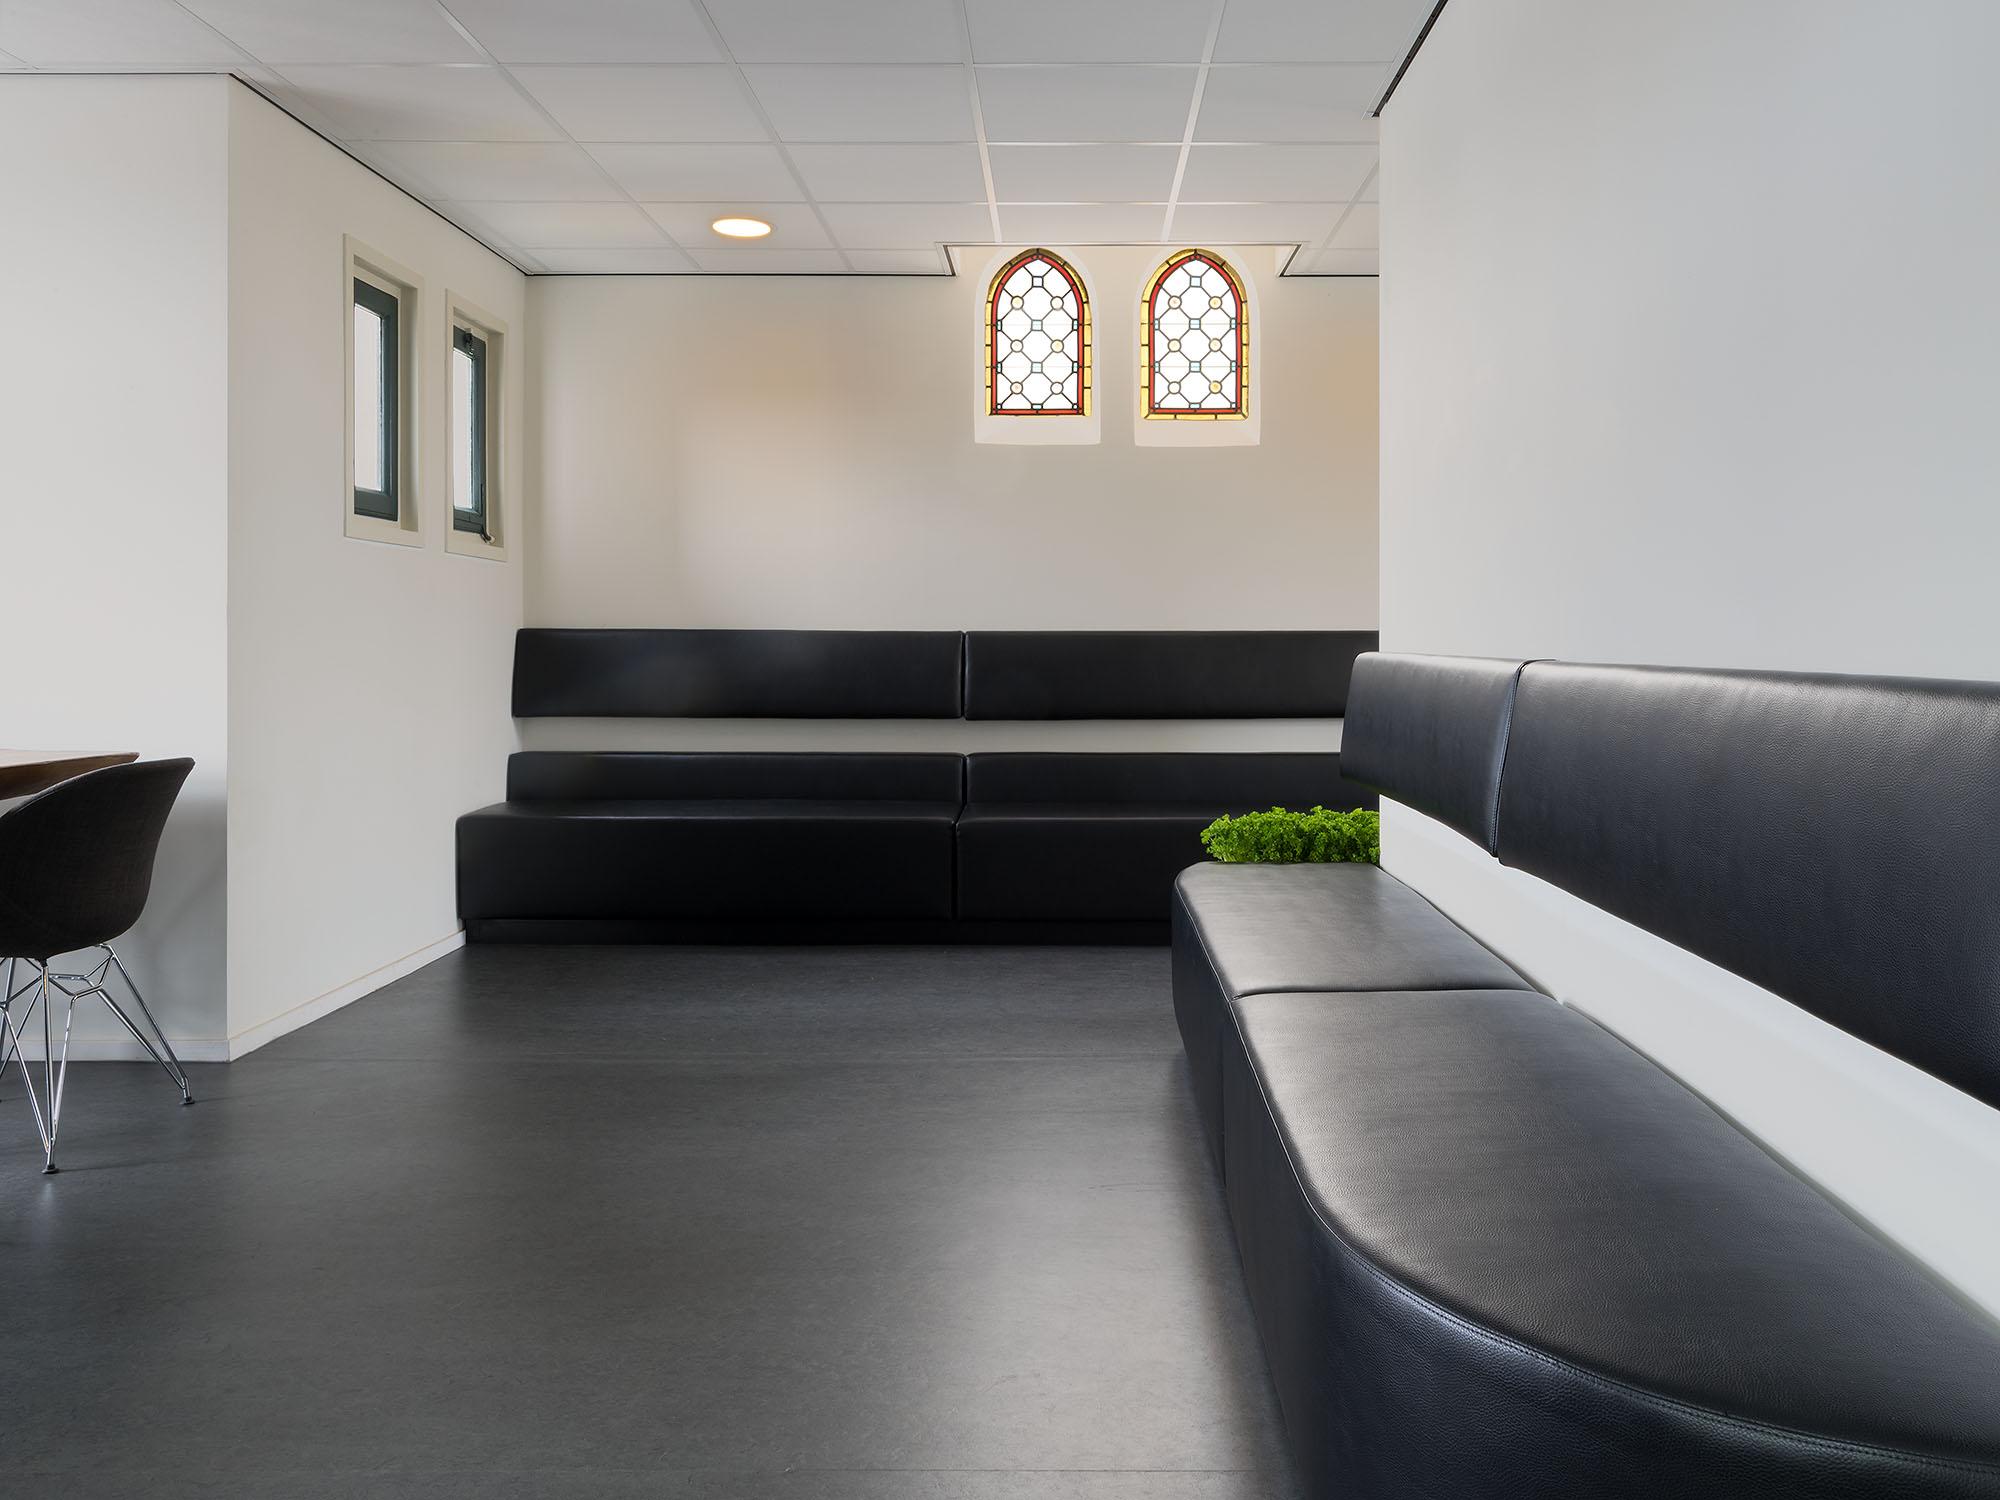 In een verbouwd klooster in Hoogeveen is een nieuwe huisartsenpraktijk ingericht.